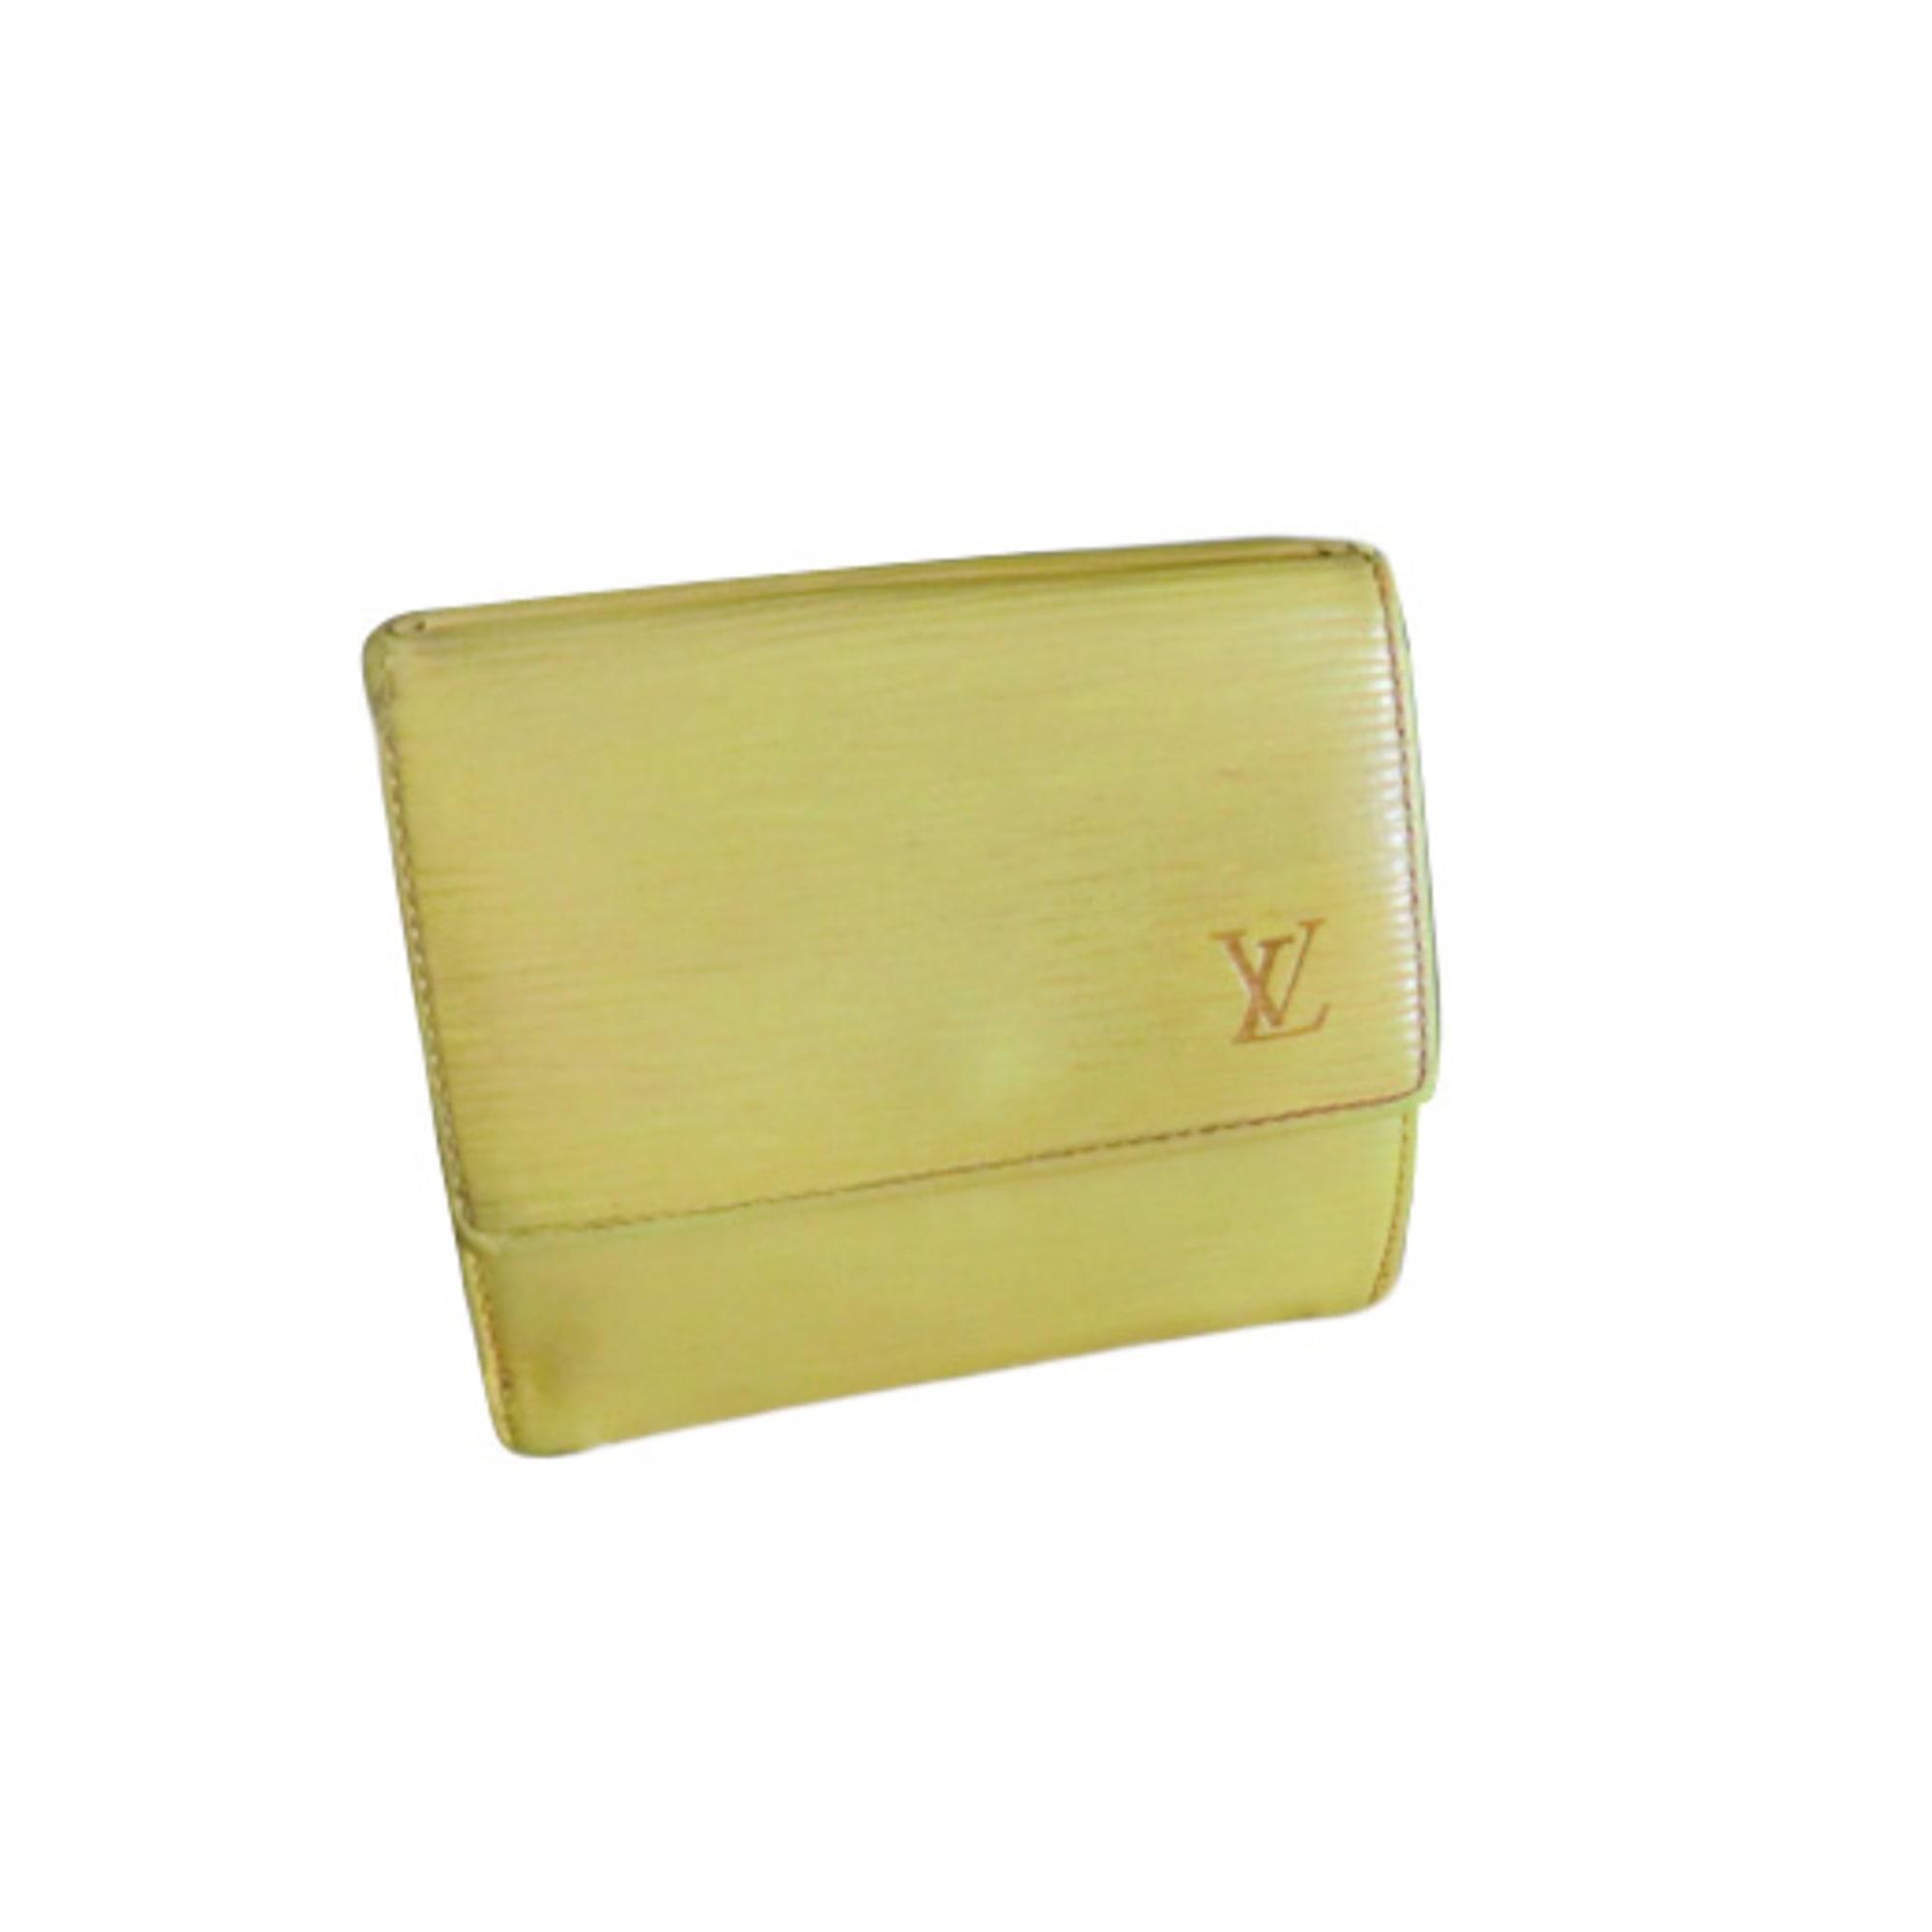 Portefeuille LOUIS VUITTON jaune vendu par D anna 16141143 - 711156 d6cc739aa98